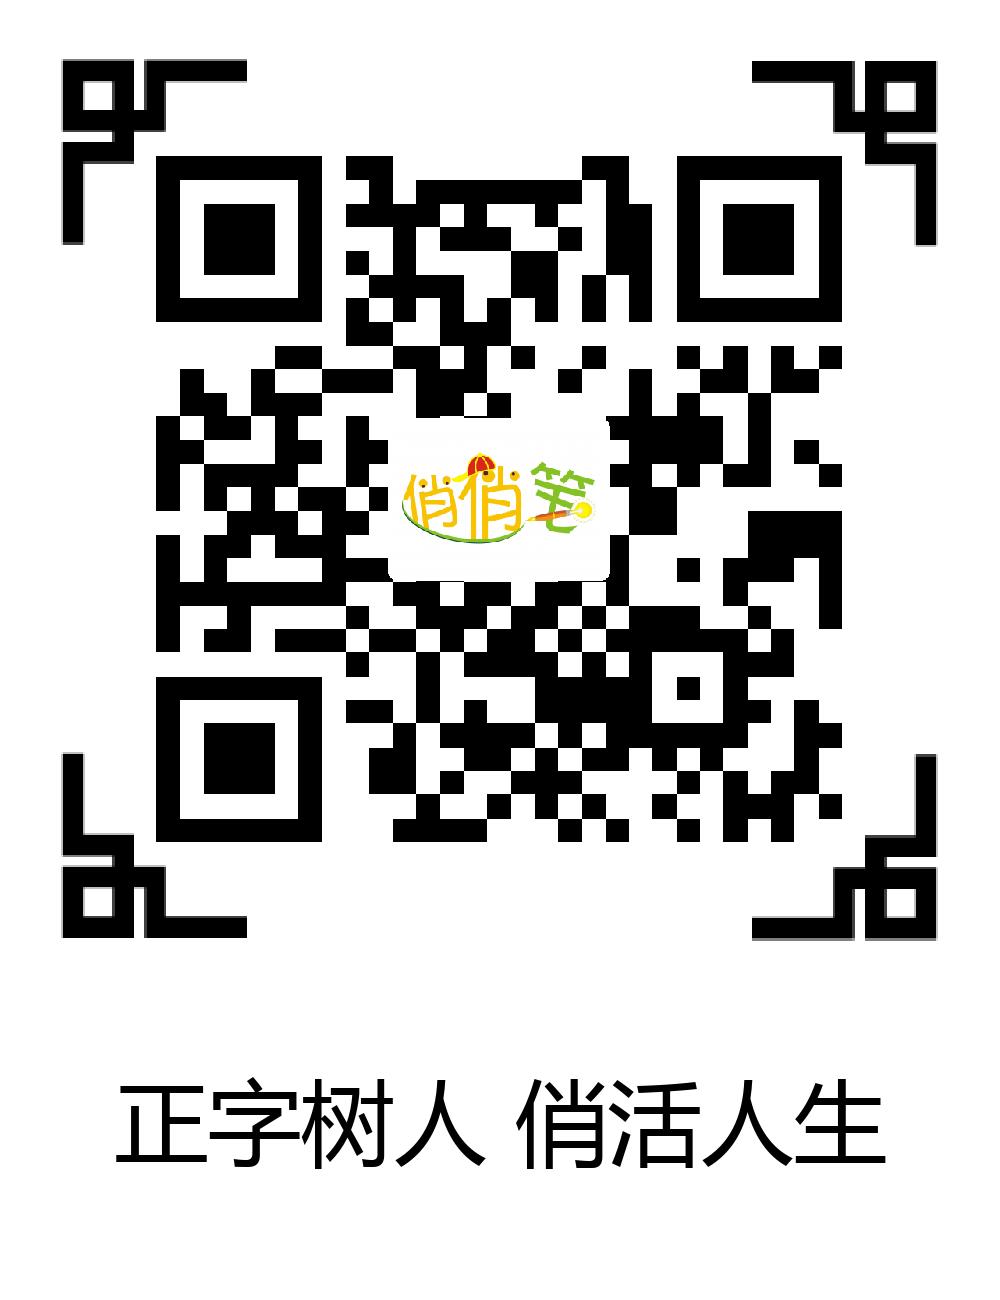 e1e7137fe8492bc9156b2d8fb7041e70.jpg